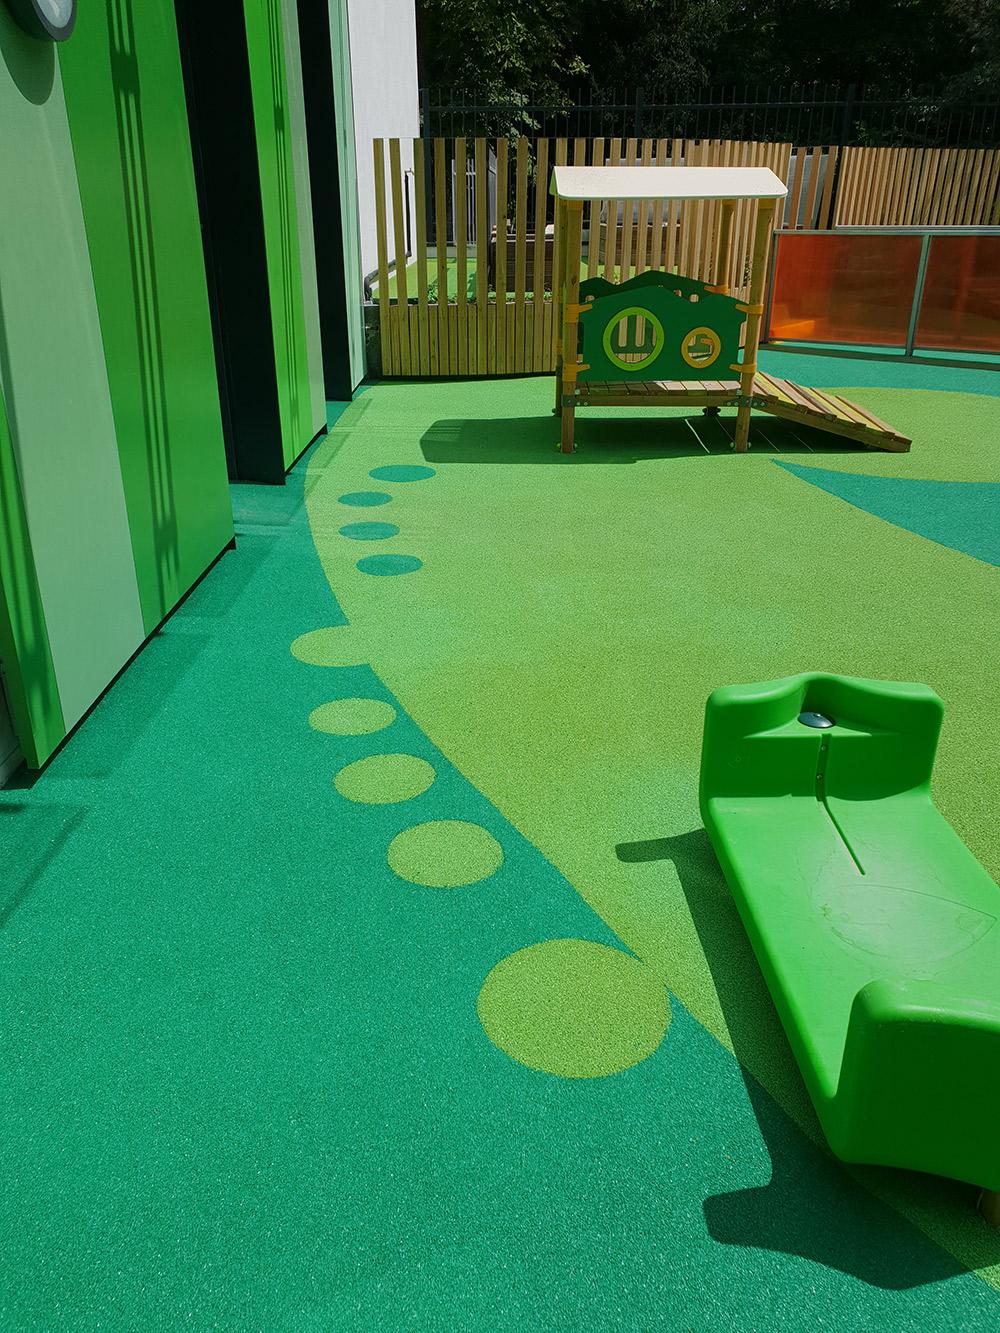 Playground Sports Img (18) 217